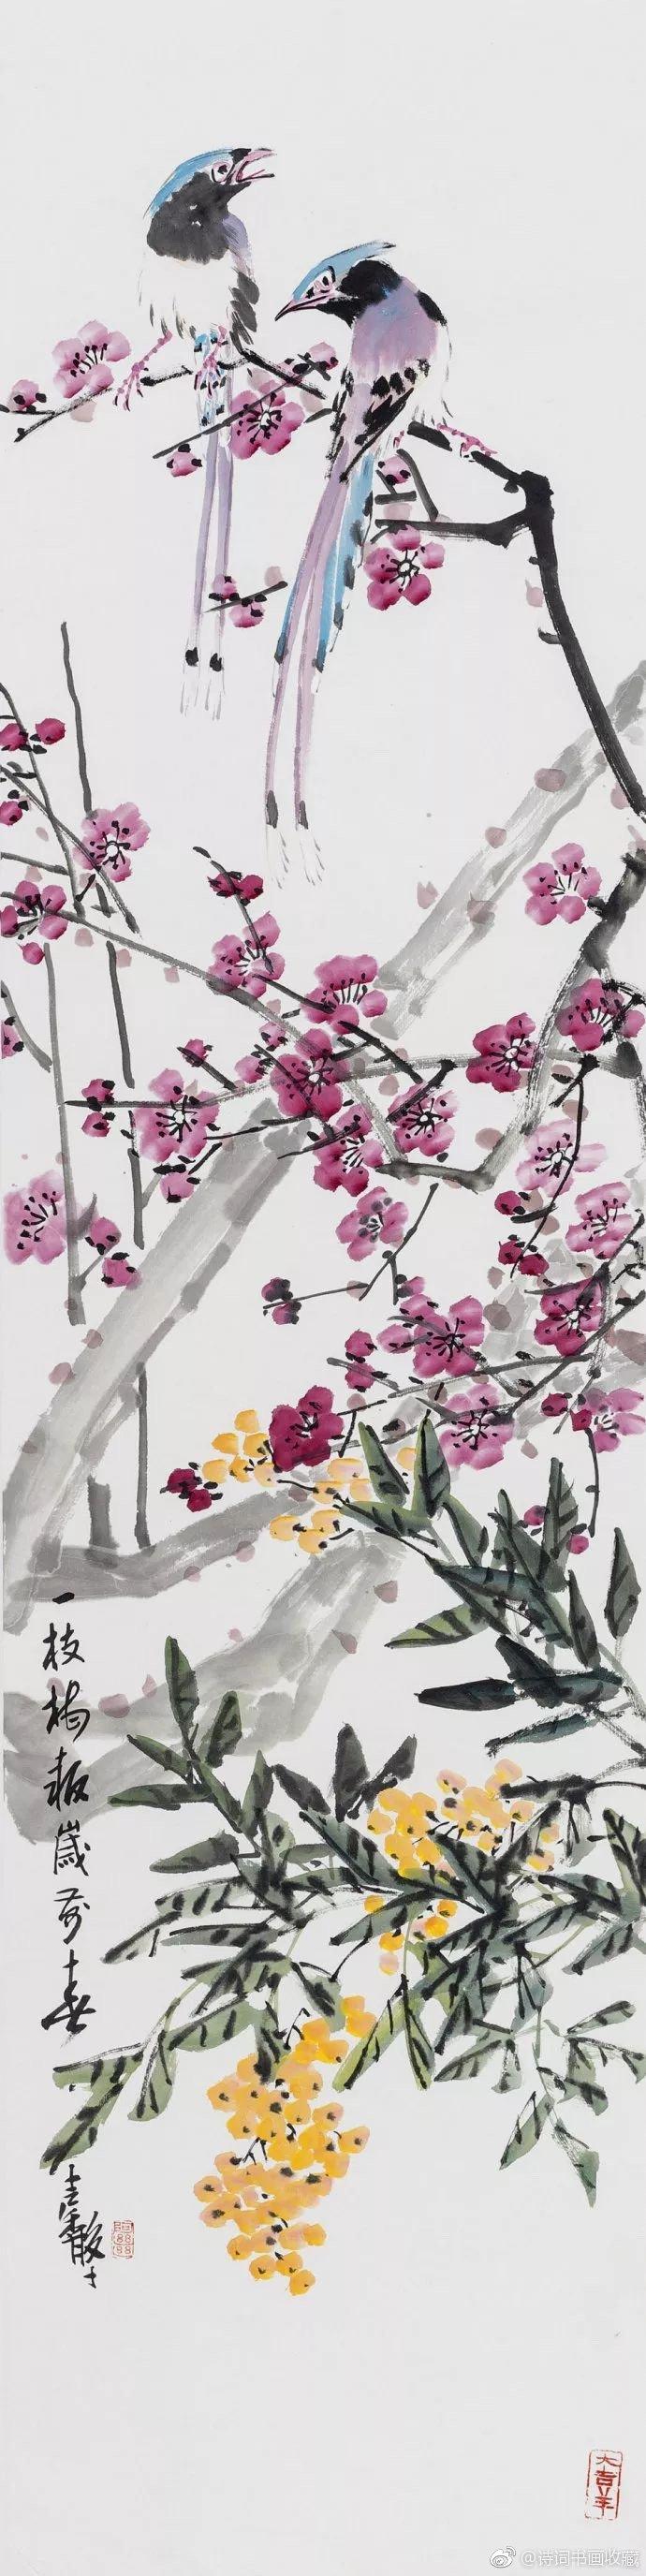 """""""吴门馨风""""张继馨笔下的花鸟、草虫欣赏"""